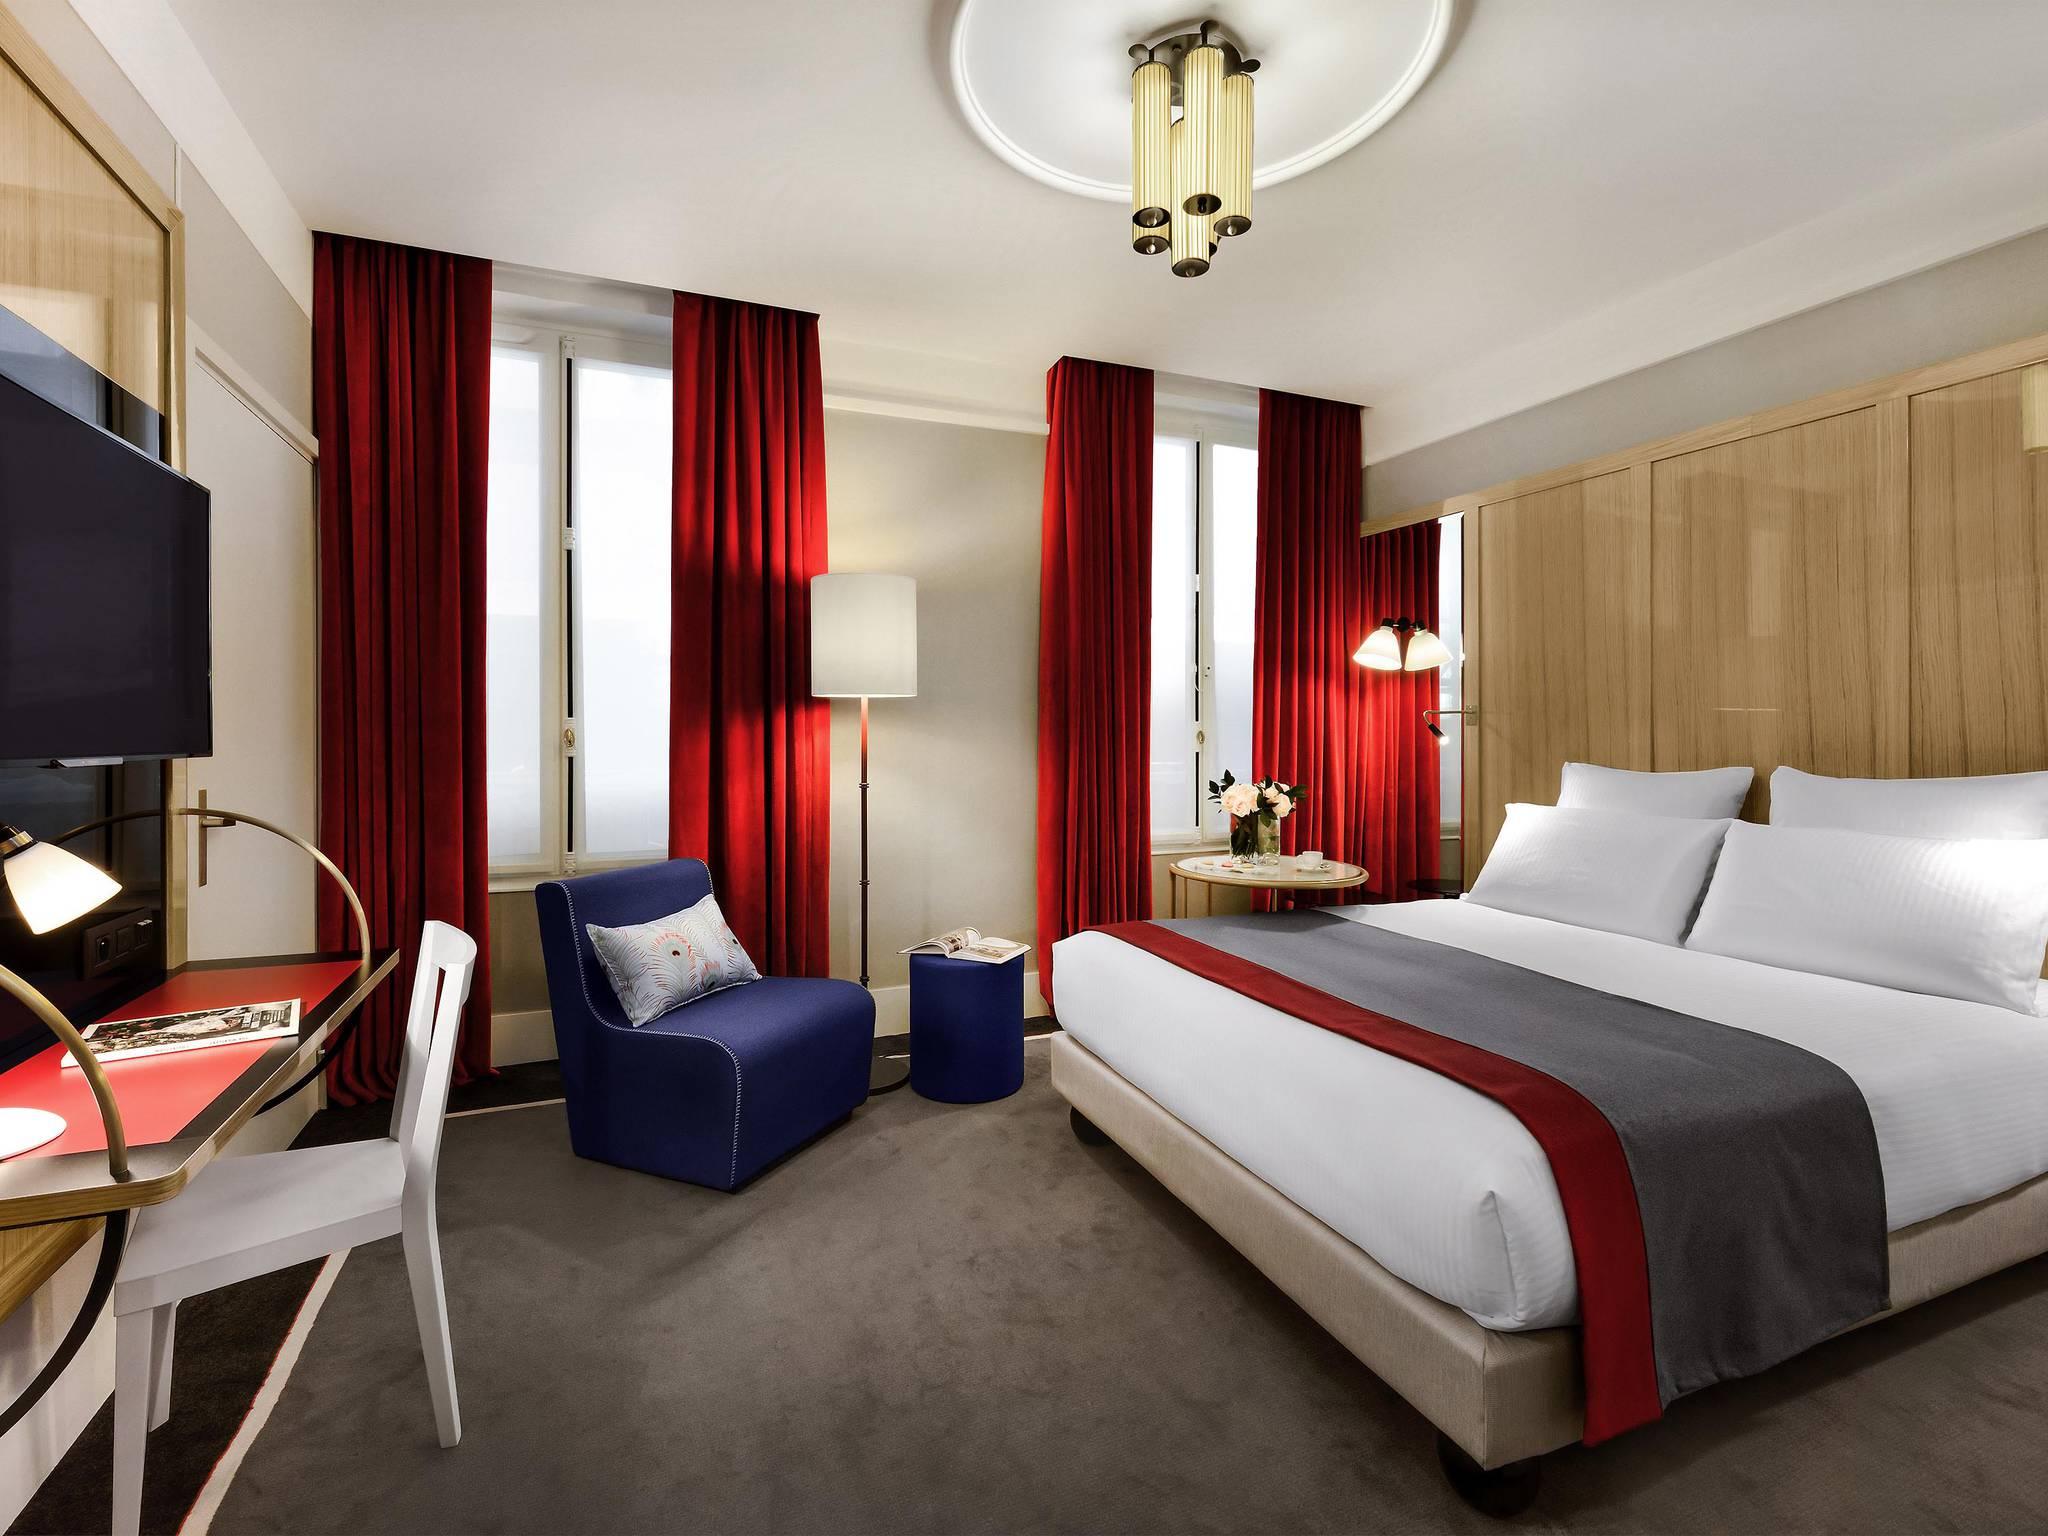 โรงแรม – เลชิกิเย่ โอเปร่า ปารีส - เอ็มแกลเลอรี บาย โซฟิเทล โฮเทล